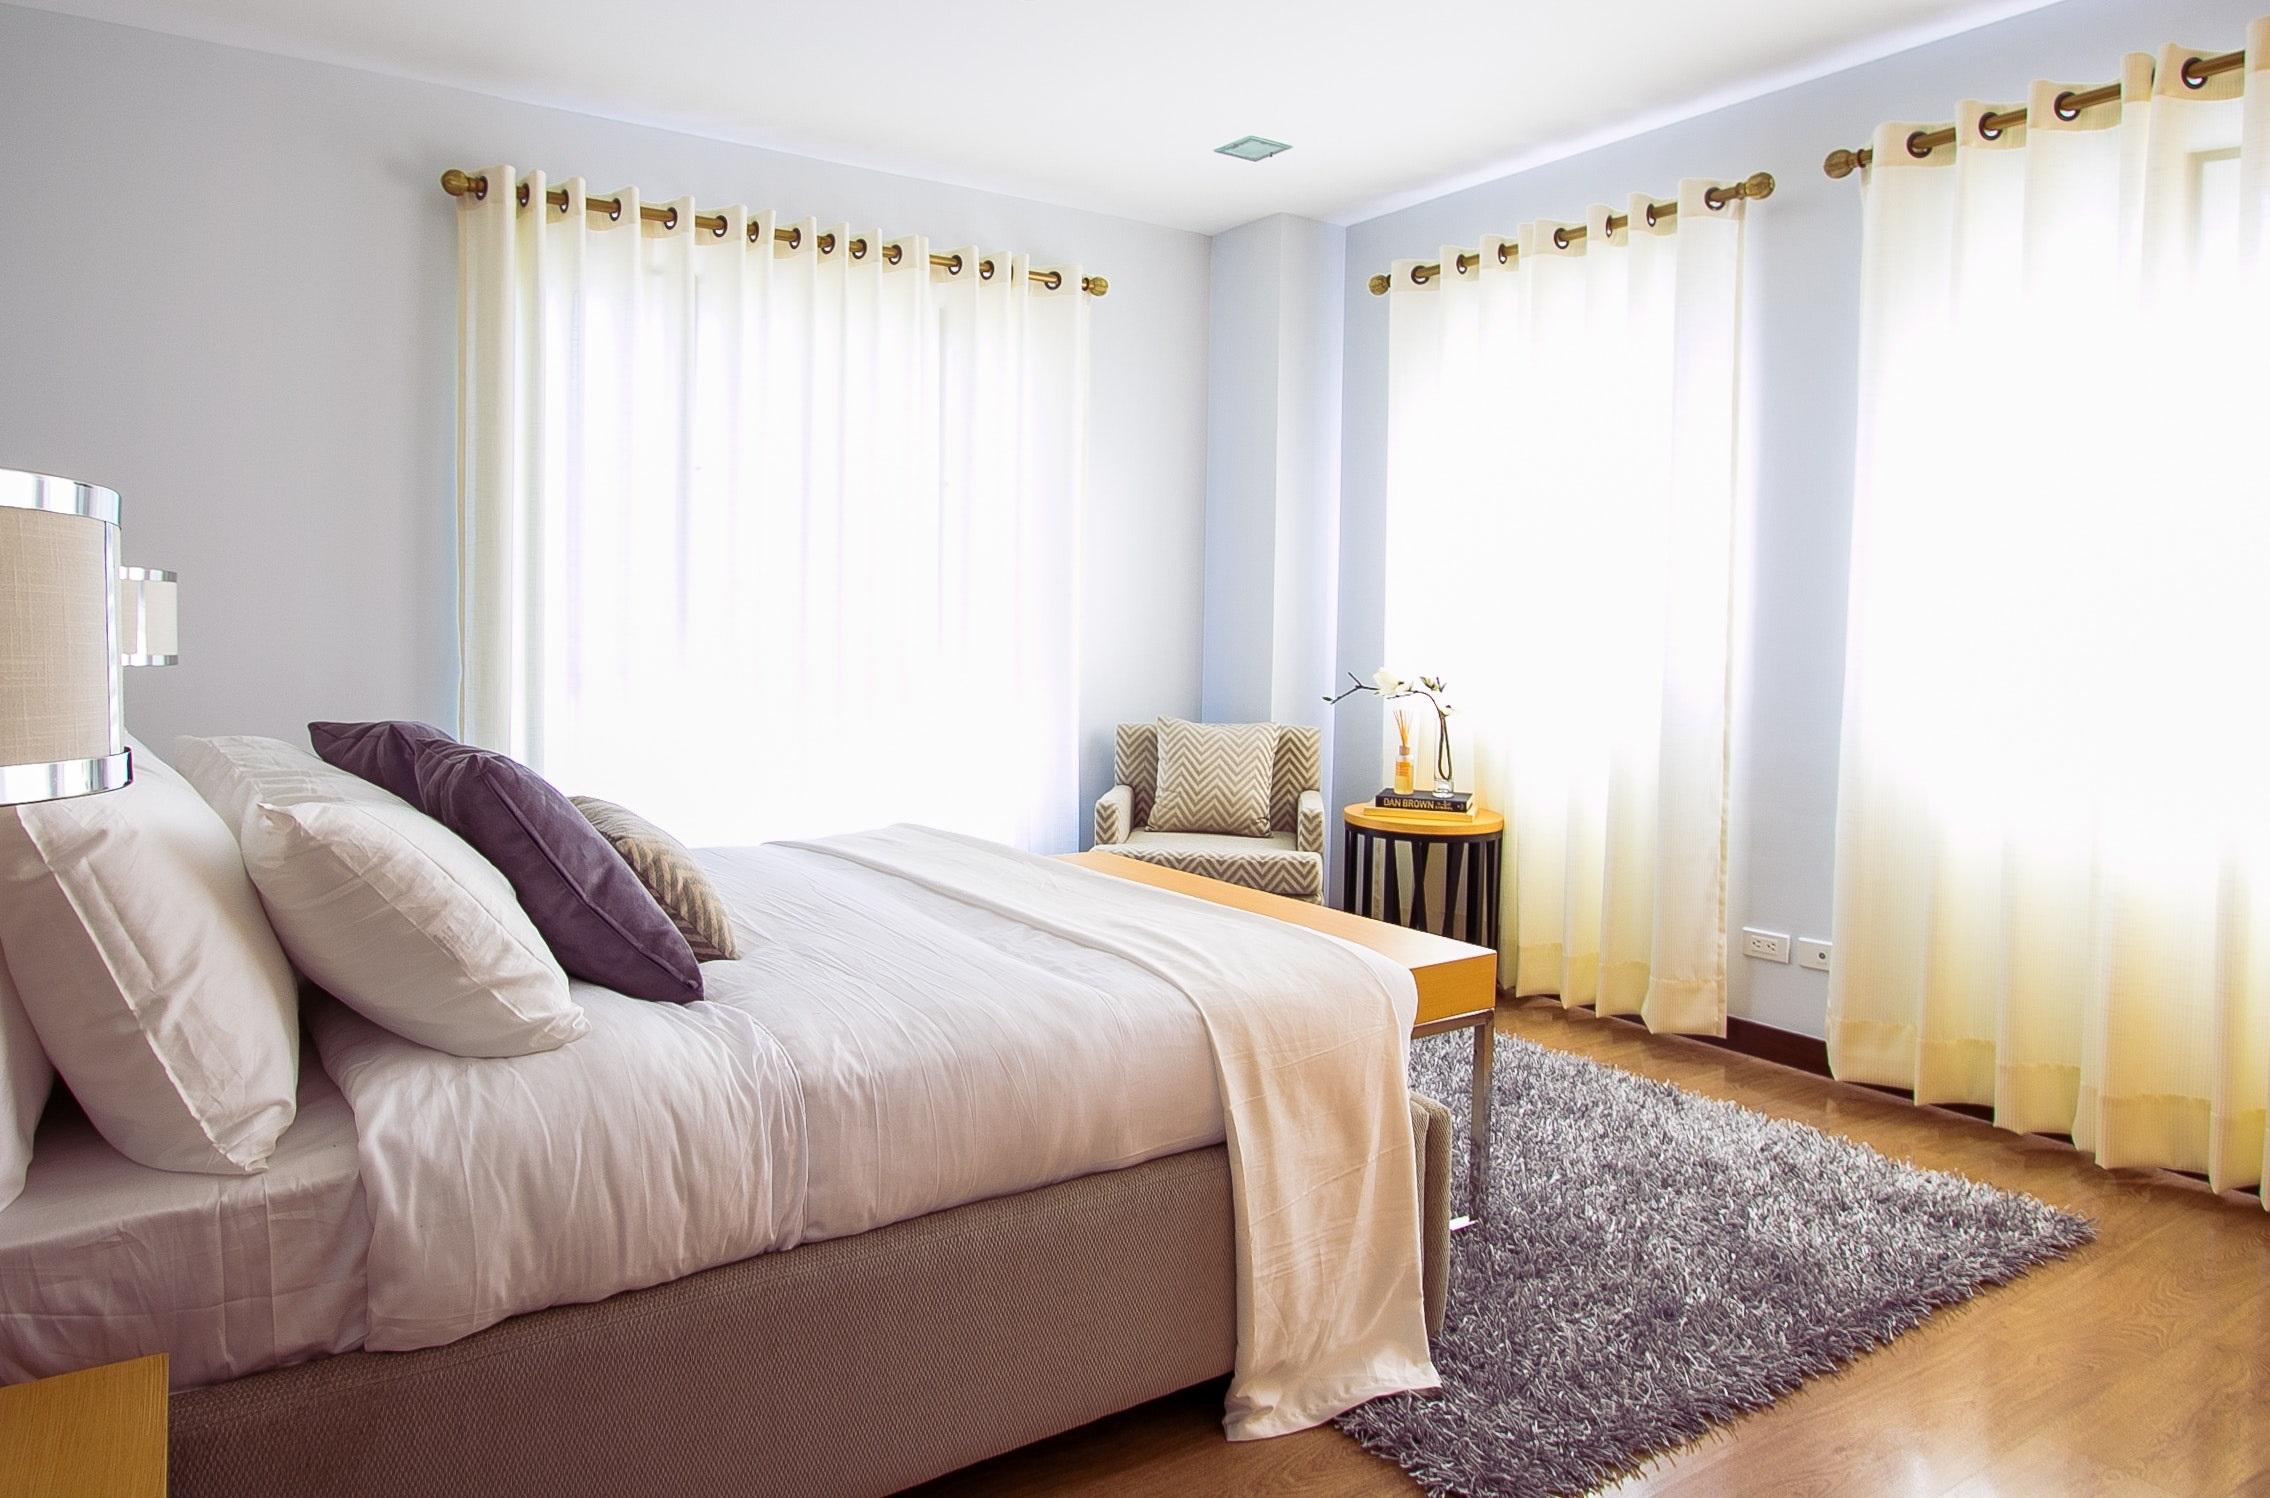 Una Camera Da Letto Da Sogno : Una camera da letto da sogno: come renderla accogliente e rilassante